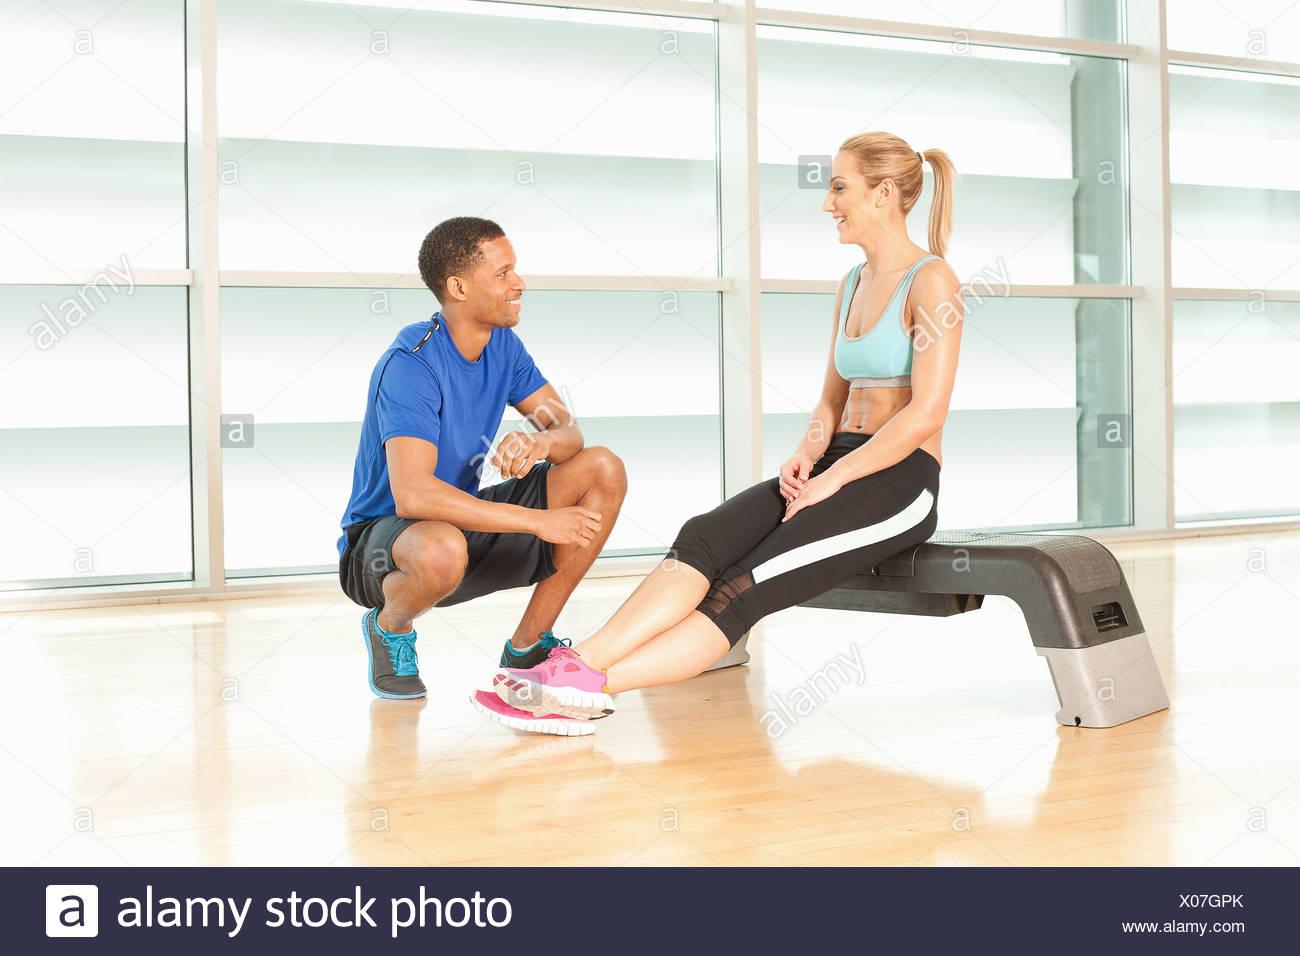 Donna seduta su esercizio passo a parlare con istruttore di fitness Immagini Stock